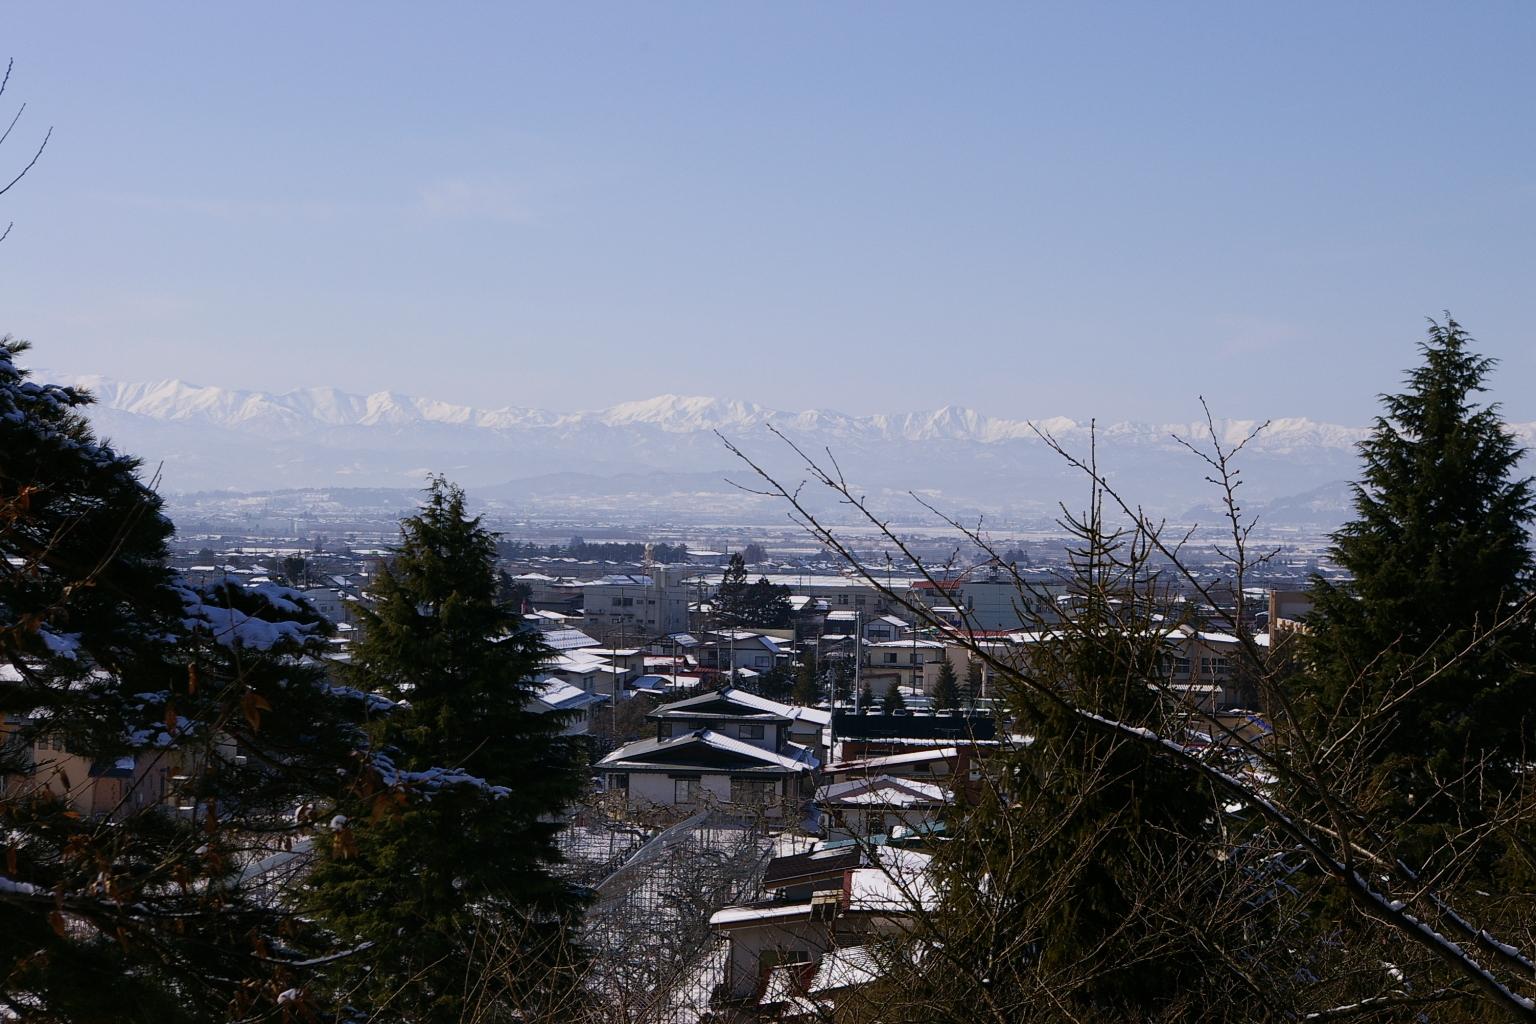 I月山と葉山連邦の眺めです